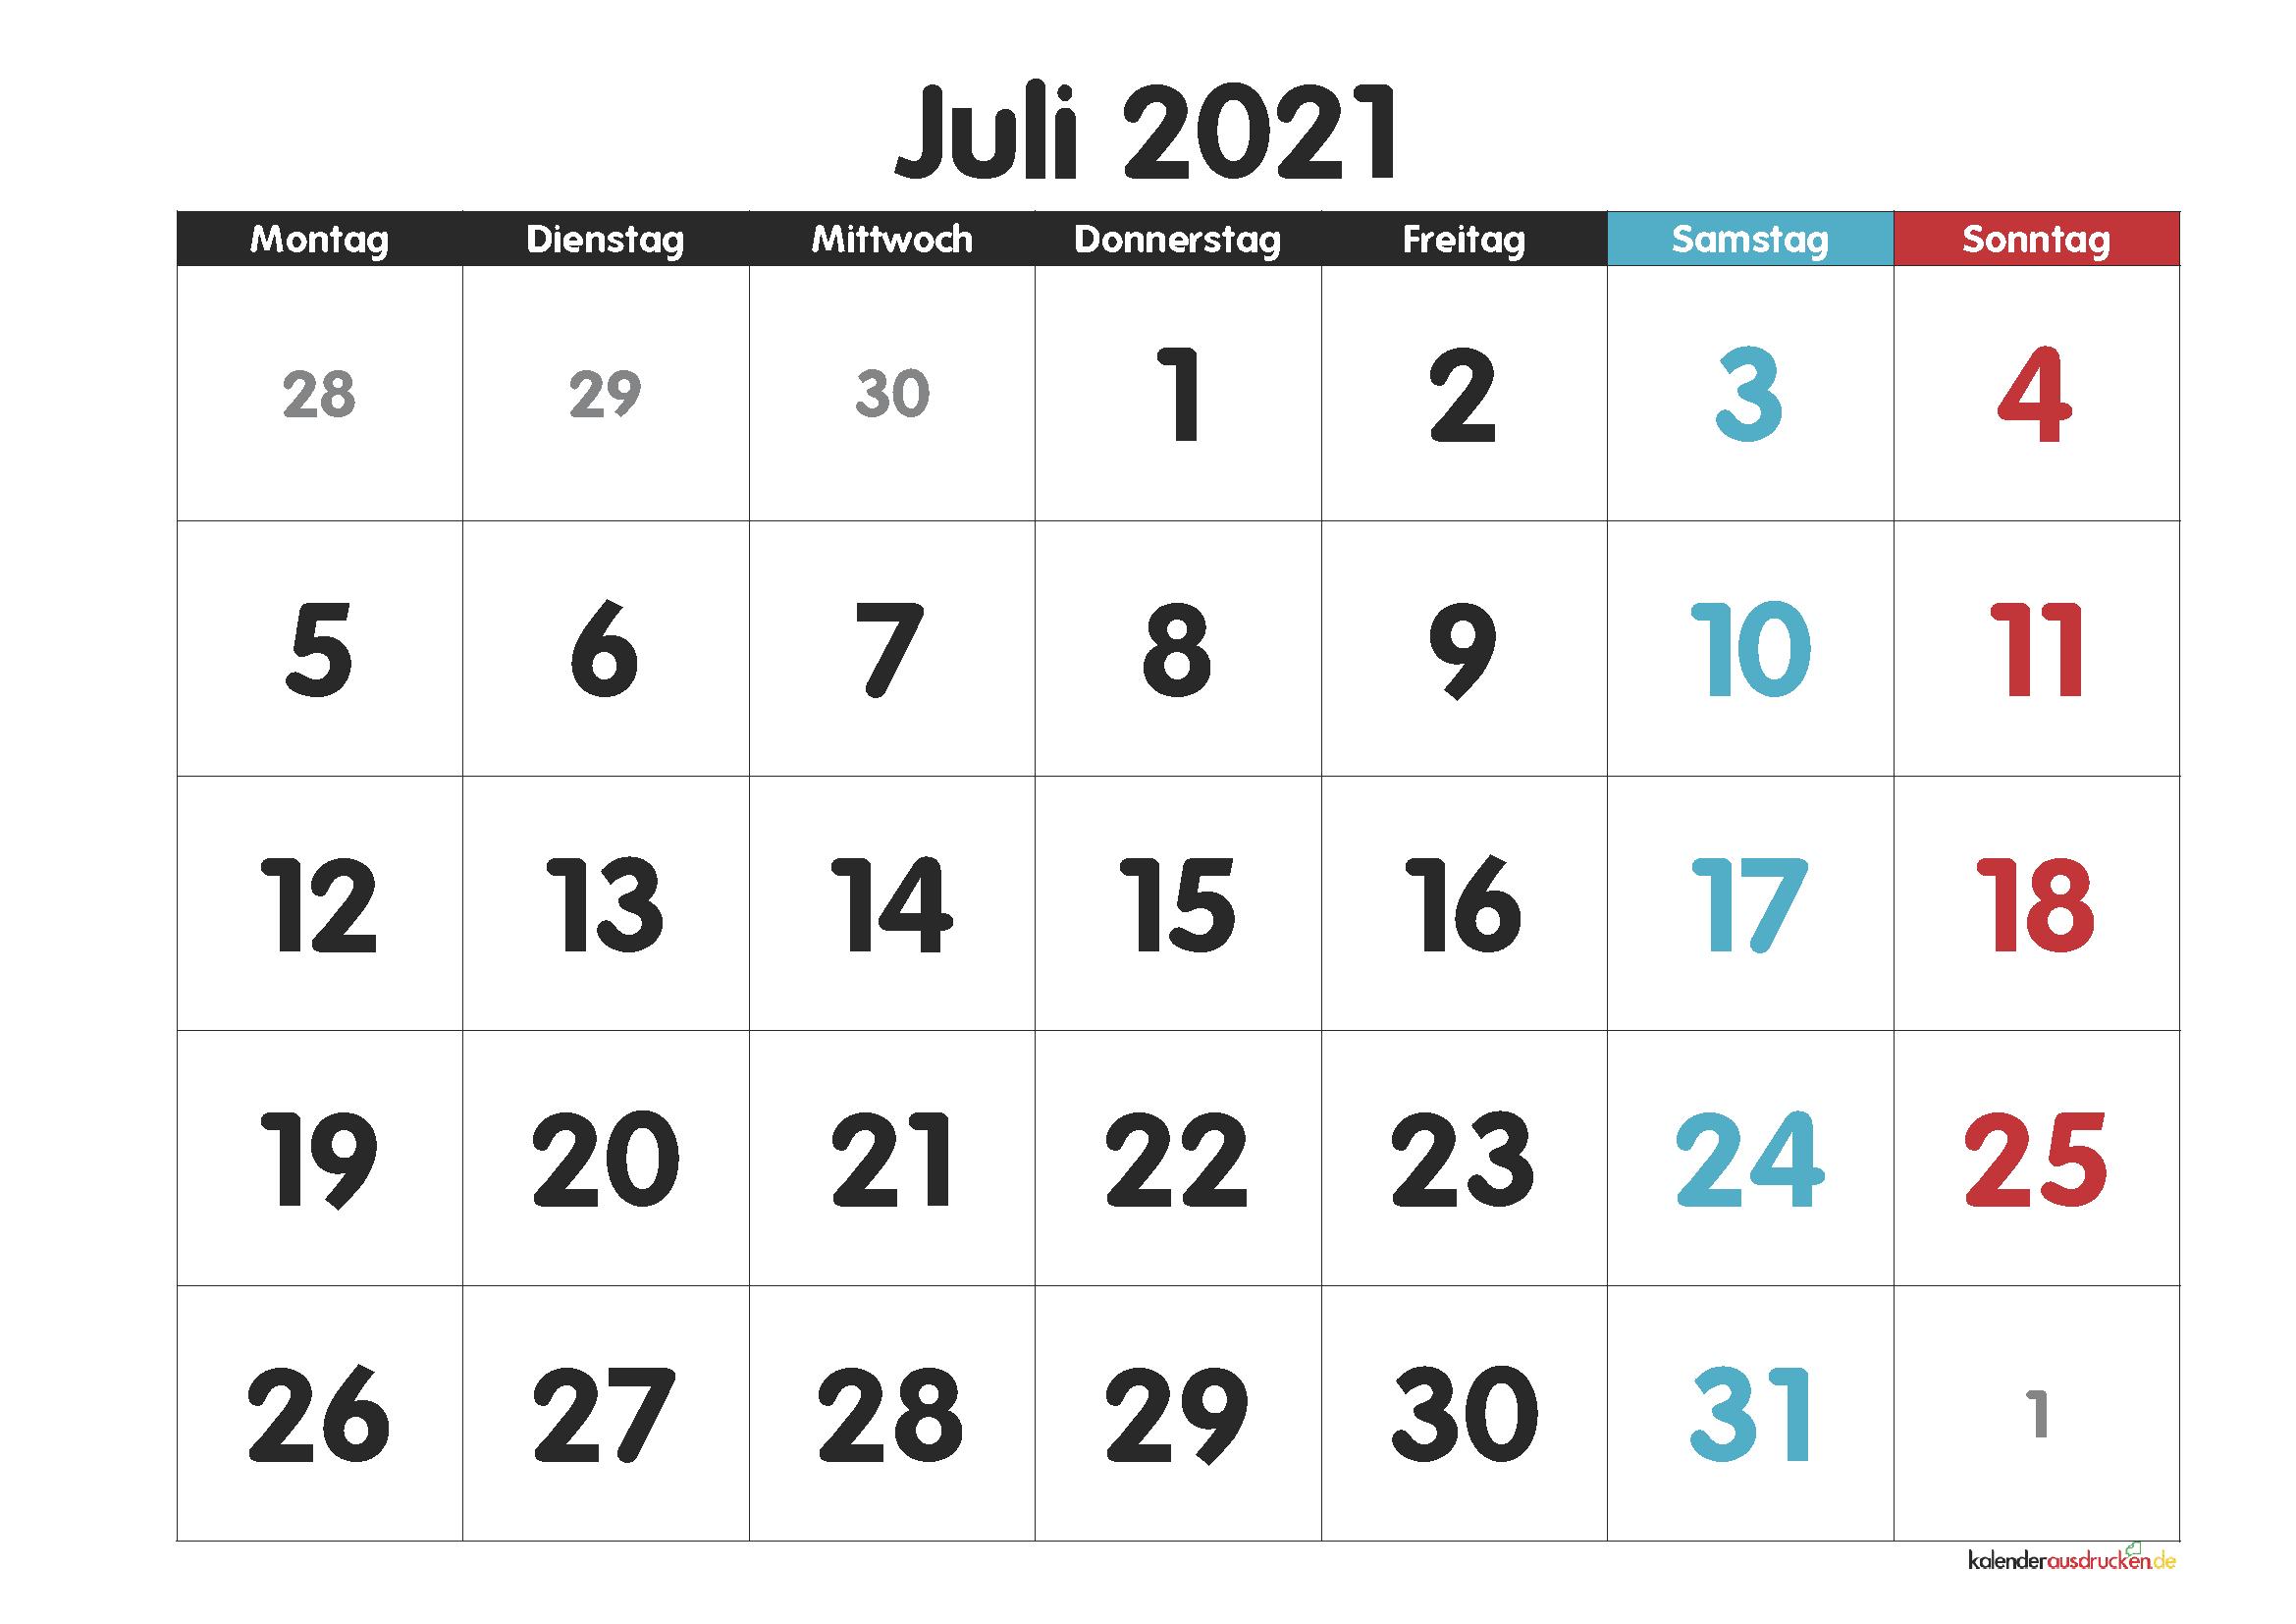 Juli 20 Kalender Zum Ausdrucken [PDF, Excel, Word]